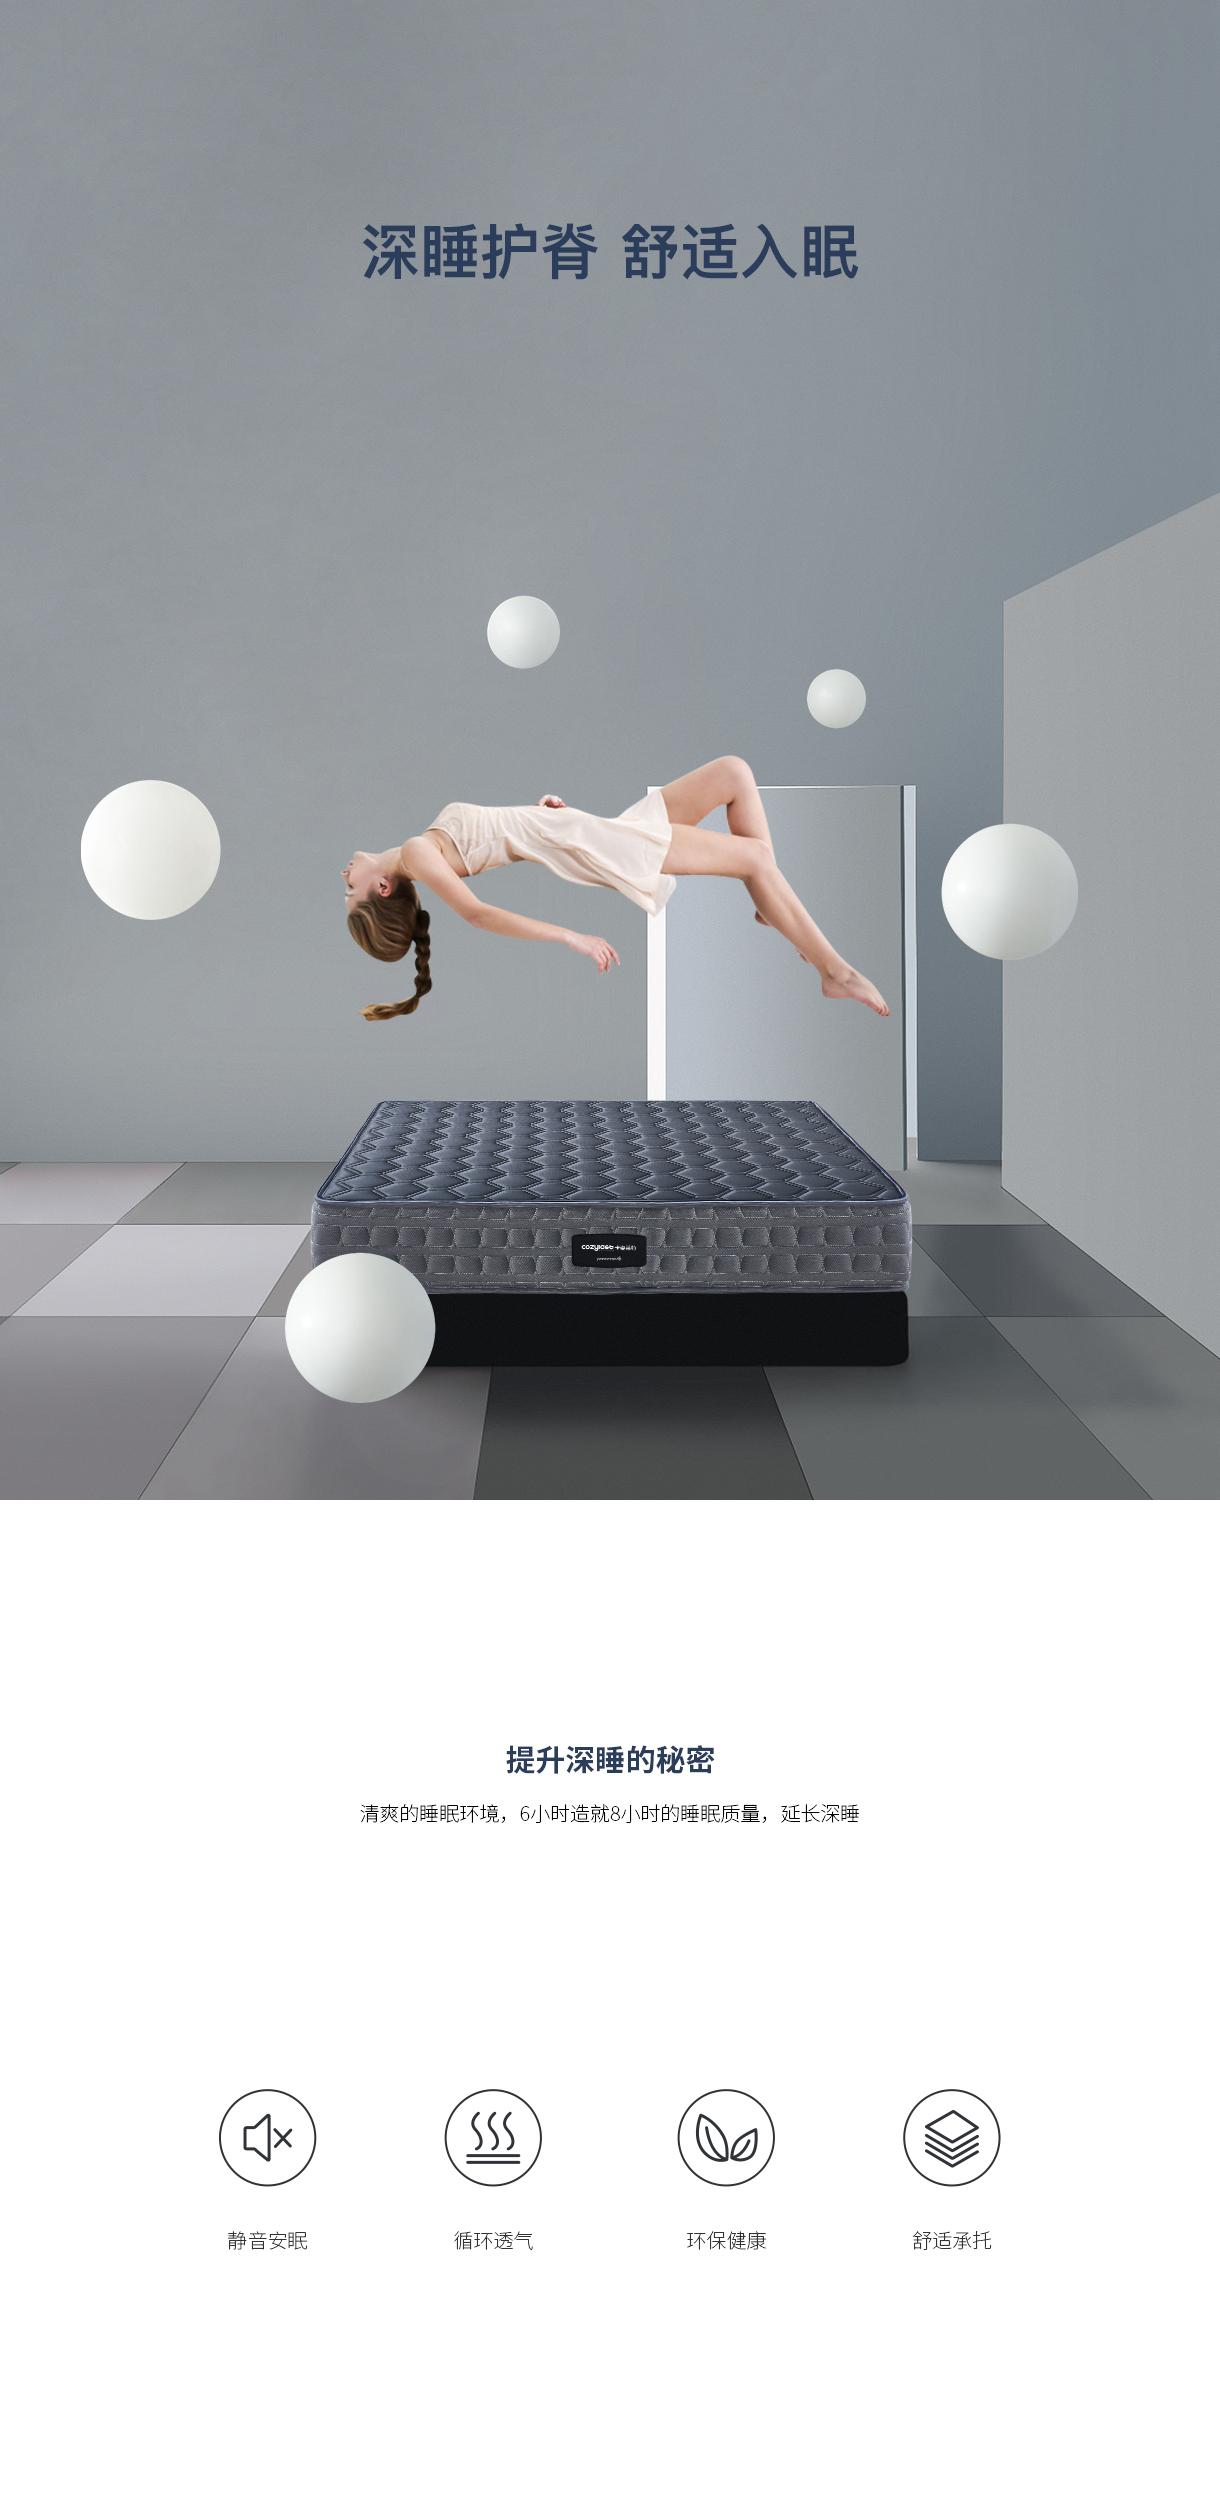 卡姿莱特床垫 x 详情页设计 x 2